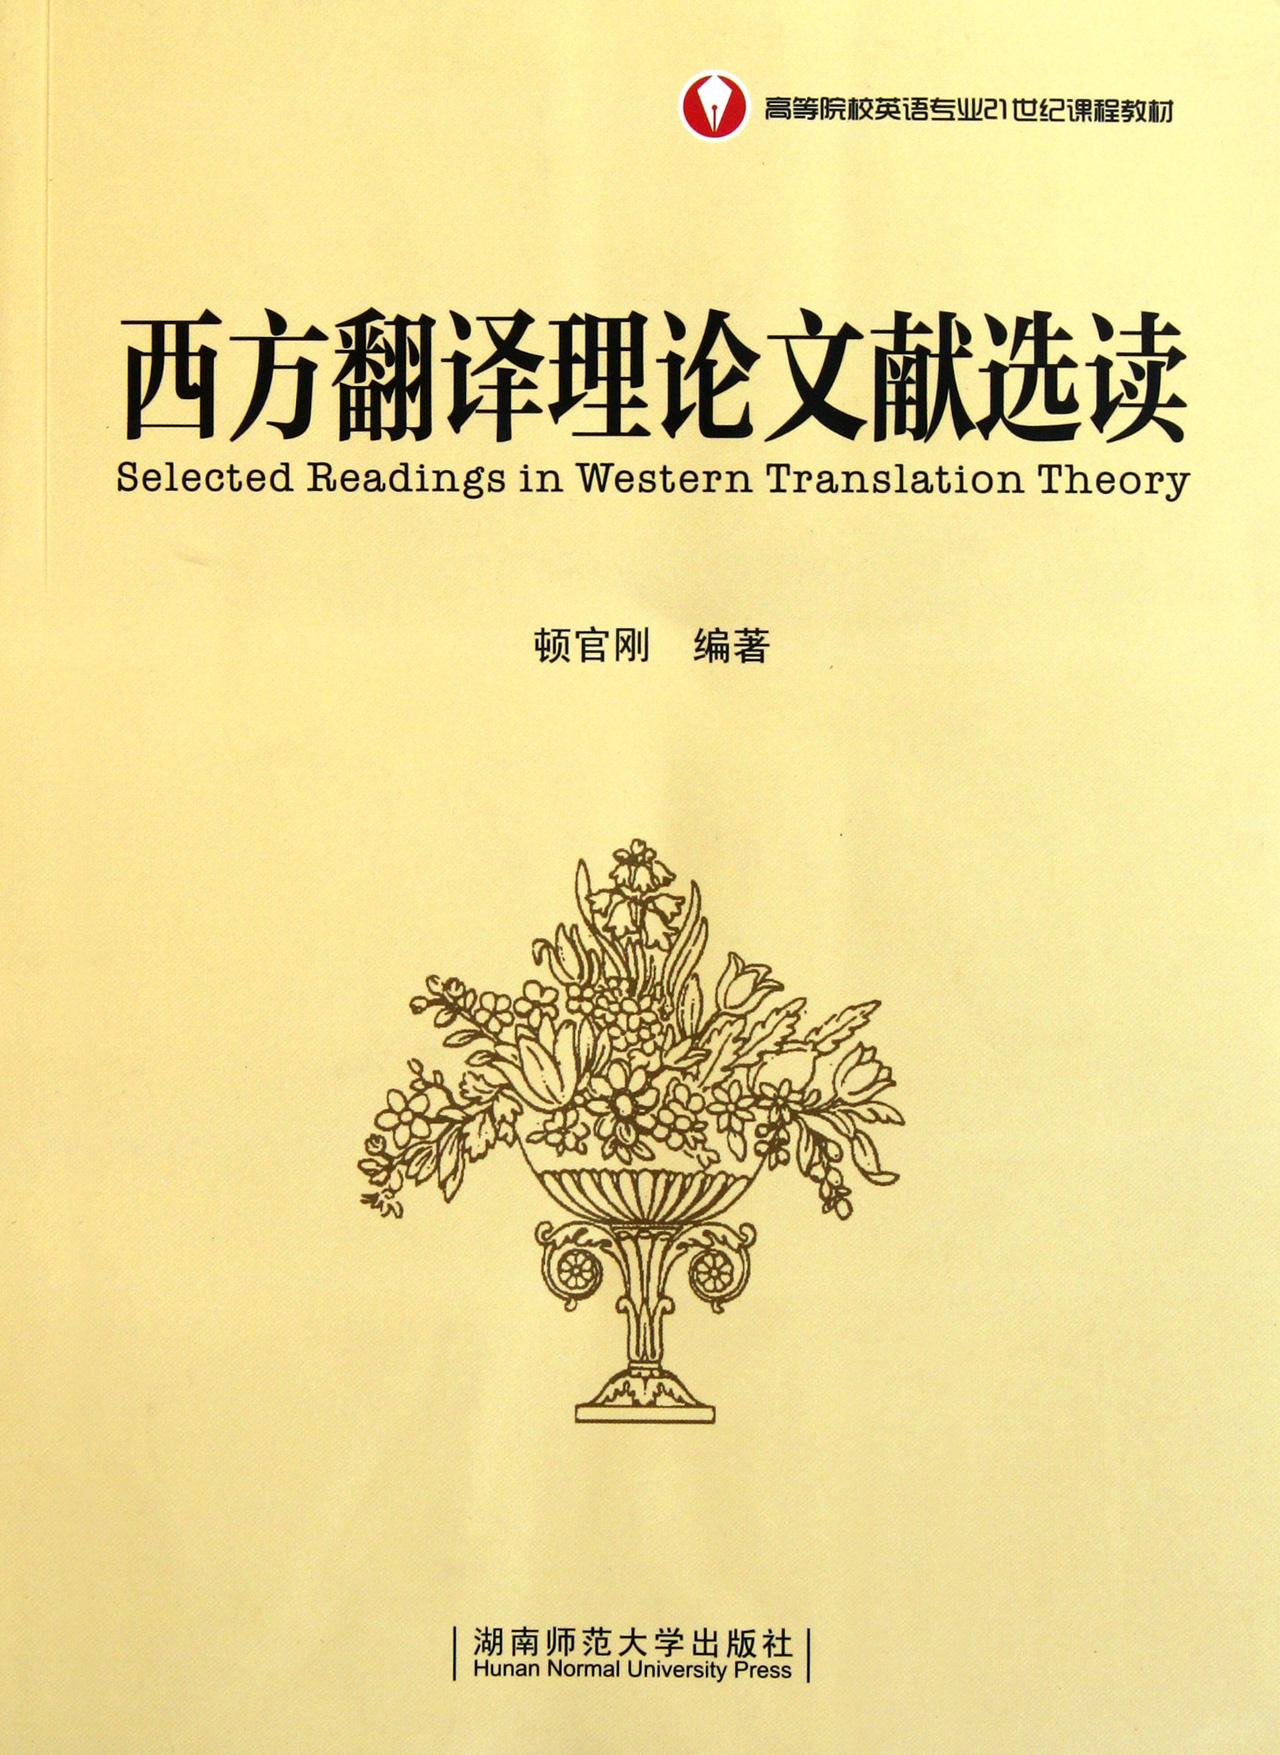 西方翻译理论文献选读(高等院校英语专业21世纪课程)图片